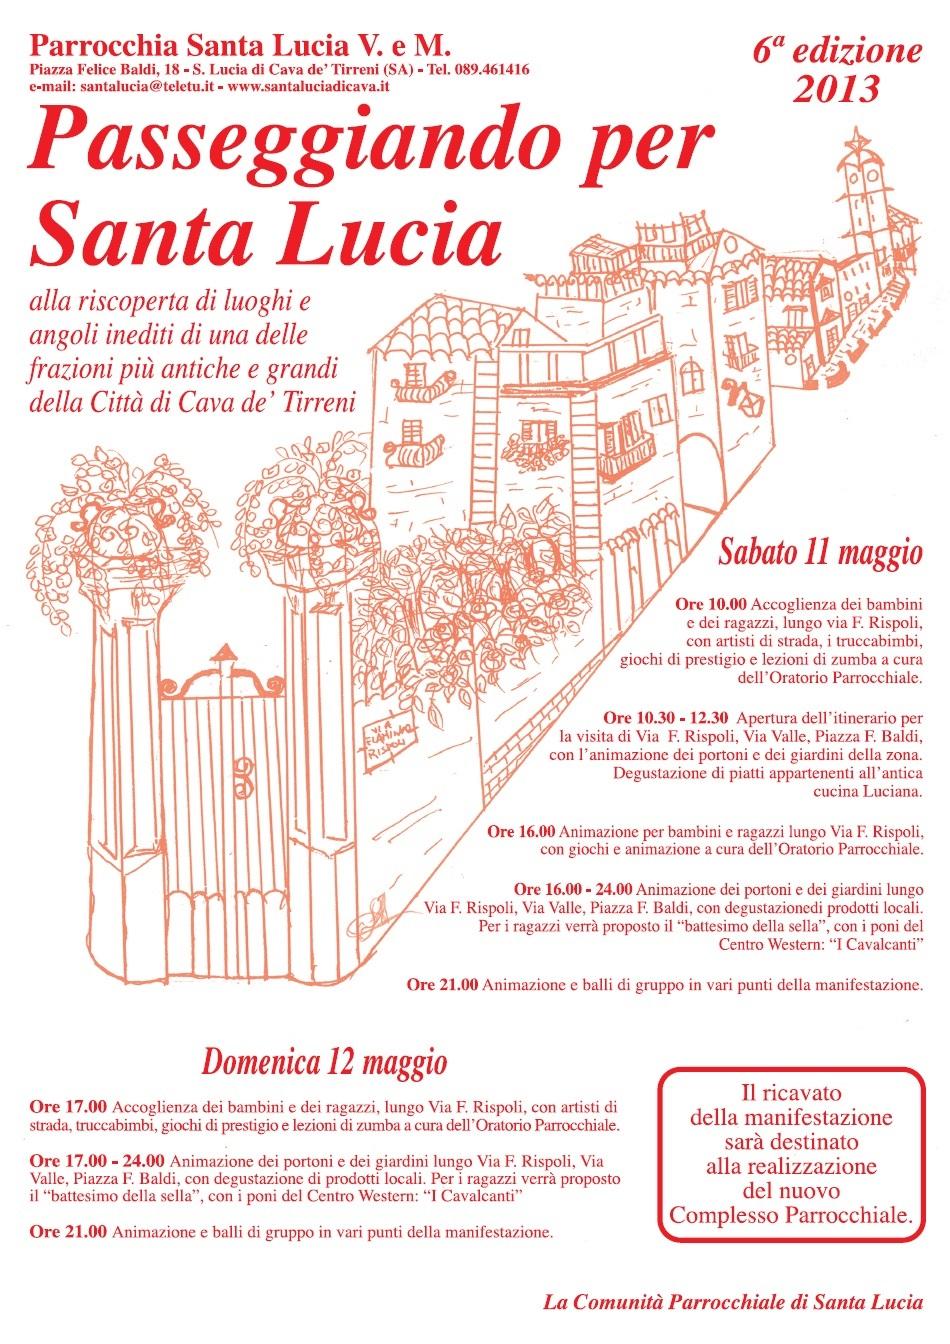 Passeggiando per Santa Lucia 2013